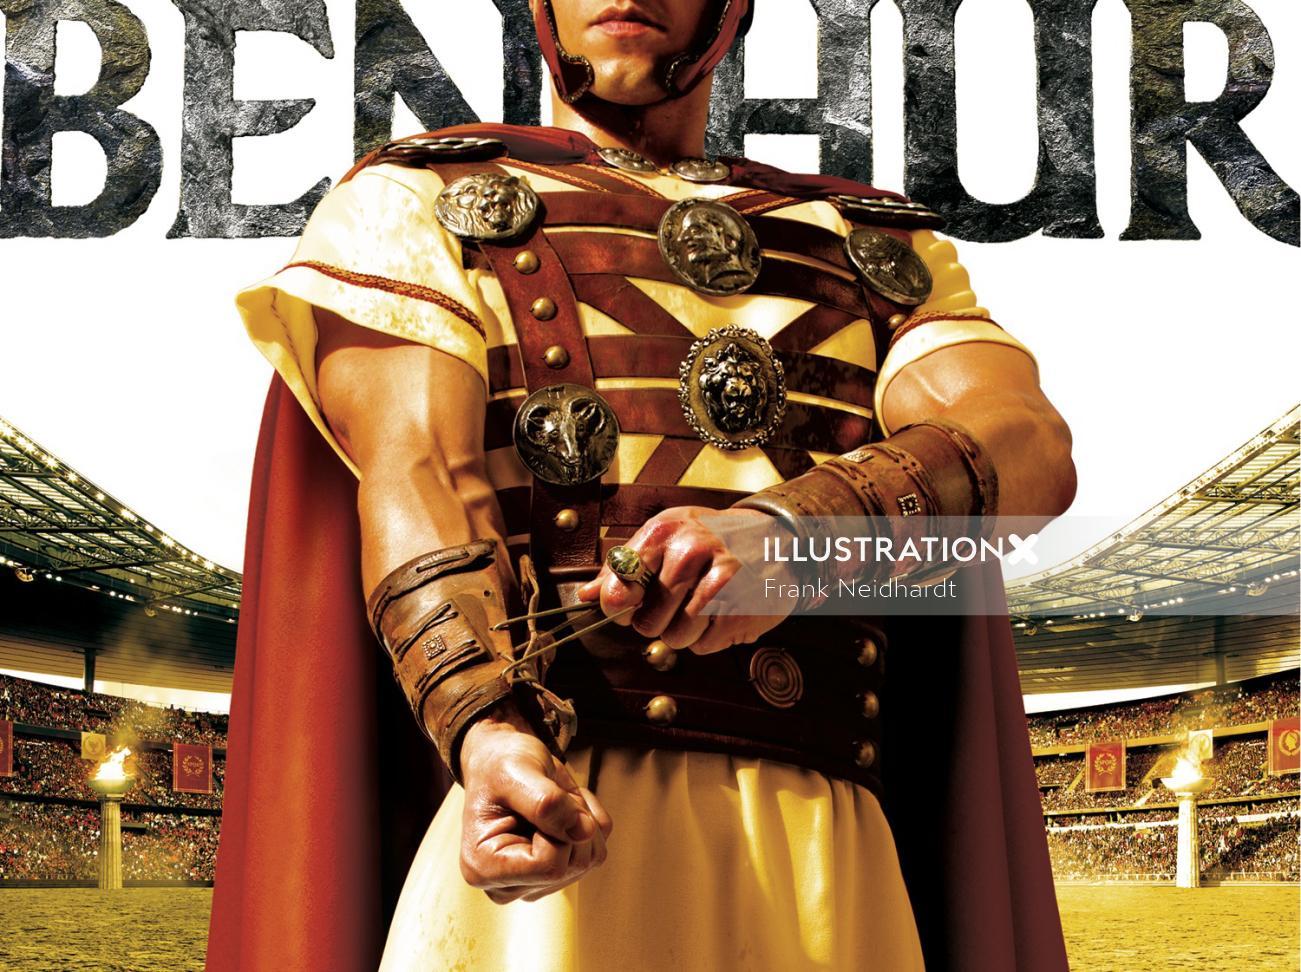 Benhur standing in stadium